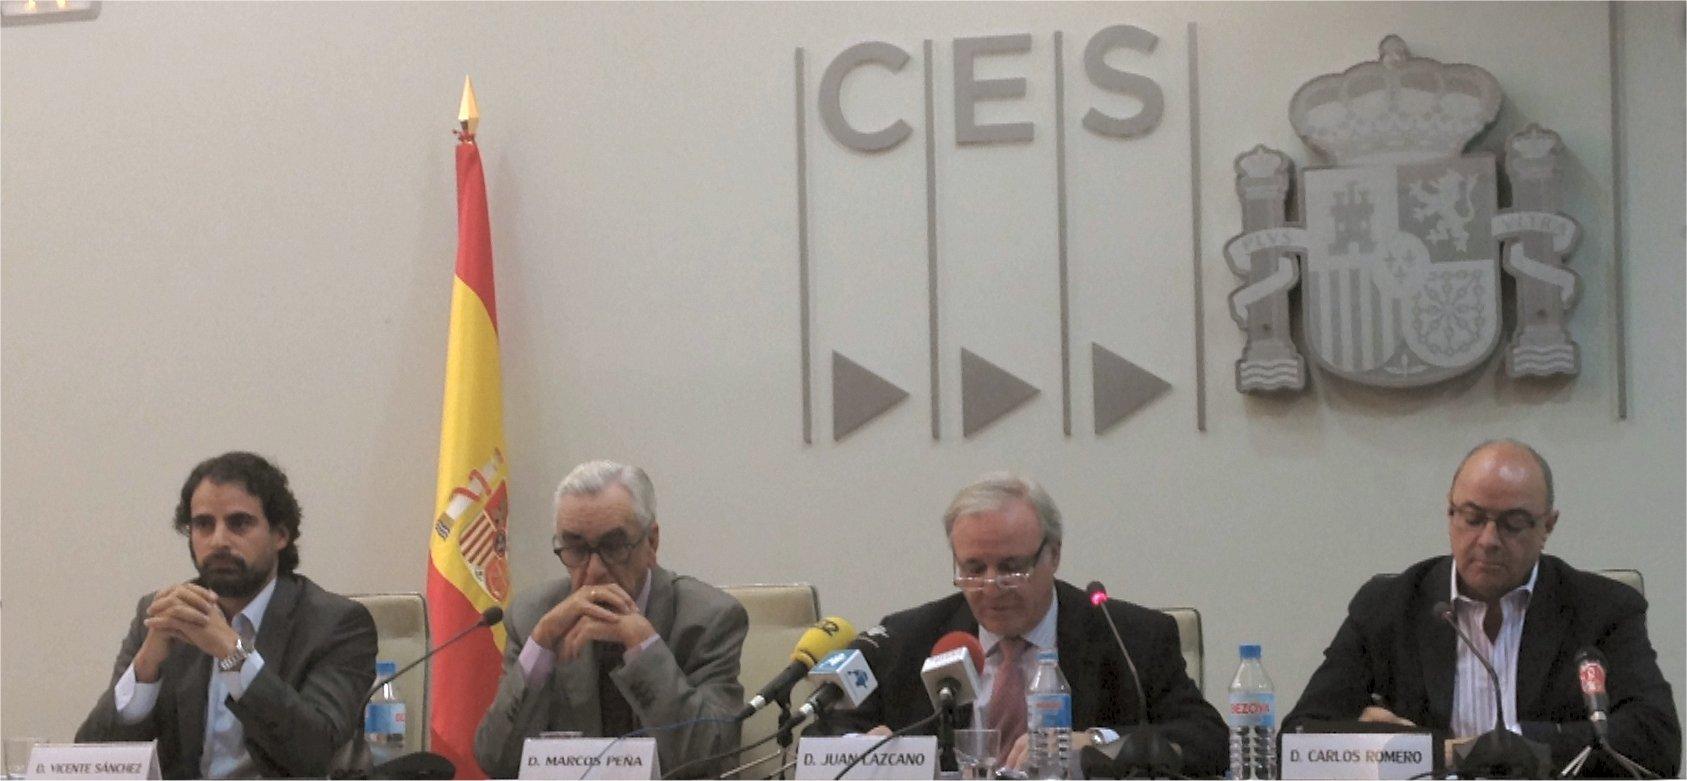 De izquierda a derecha: Vicente Sánchez, Secretario General de FECOMA- CCOO, Marcos Peña, Presidente del CES, Juan Lazcano, Presidente de la CNC y  Carlos Romero, Secretario General de MCA-UGT